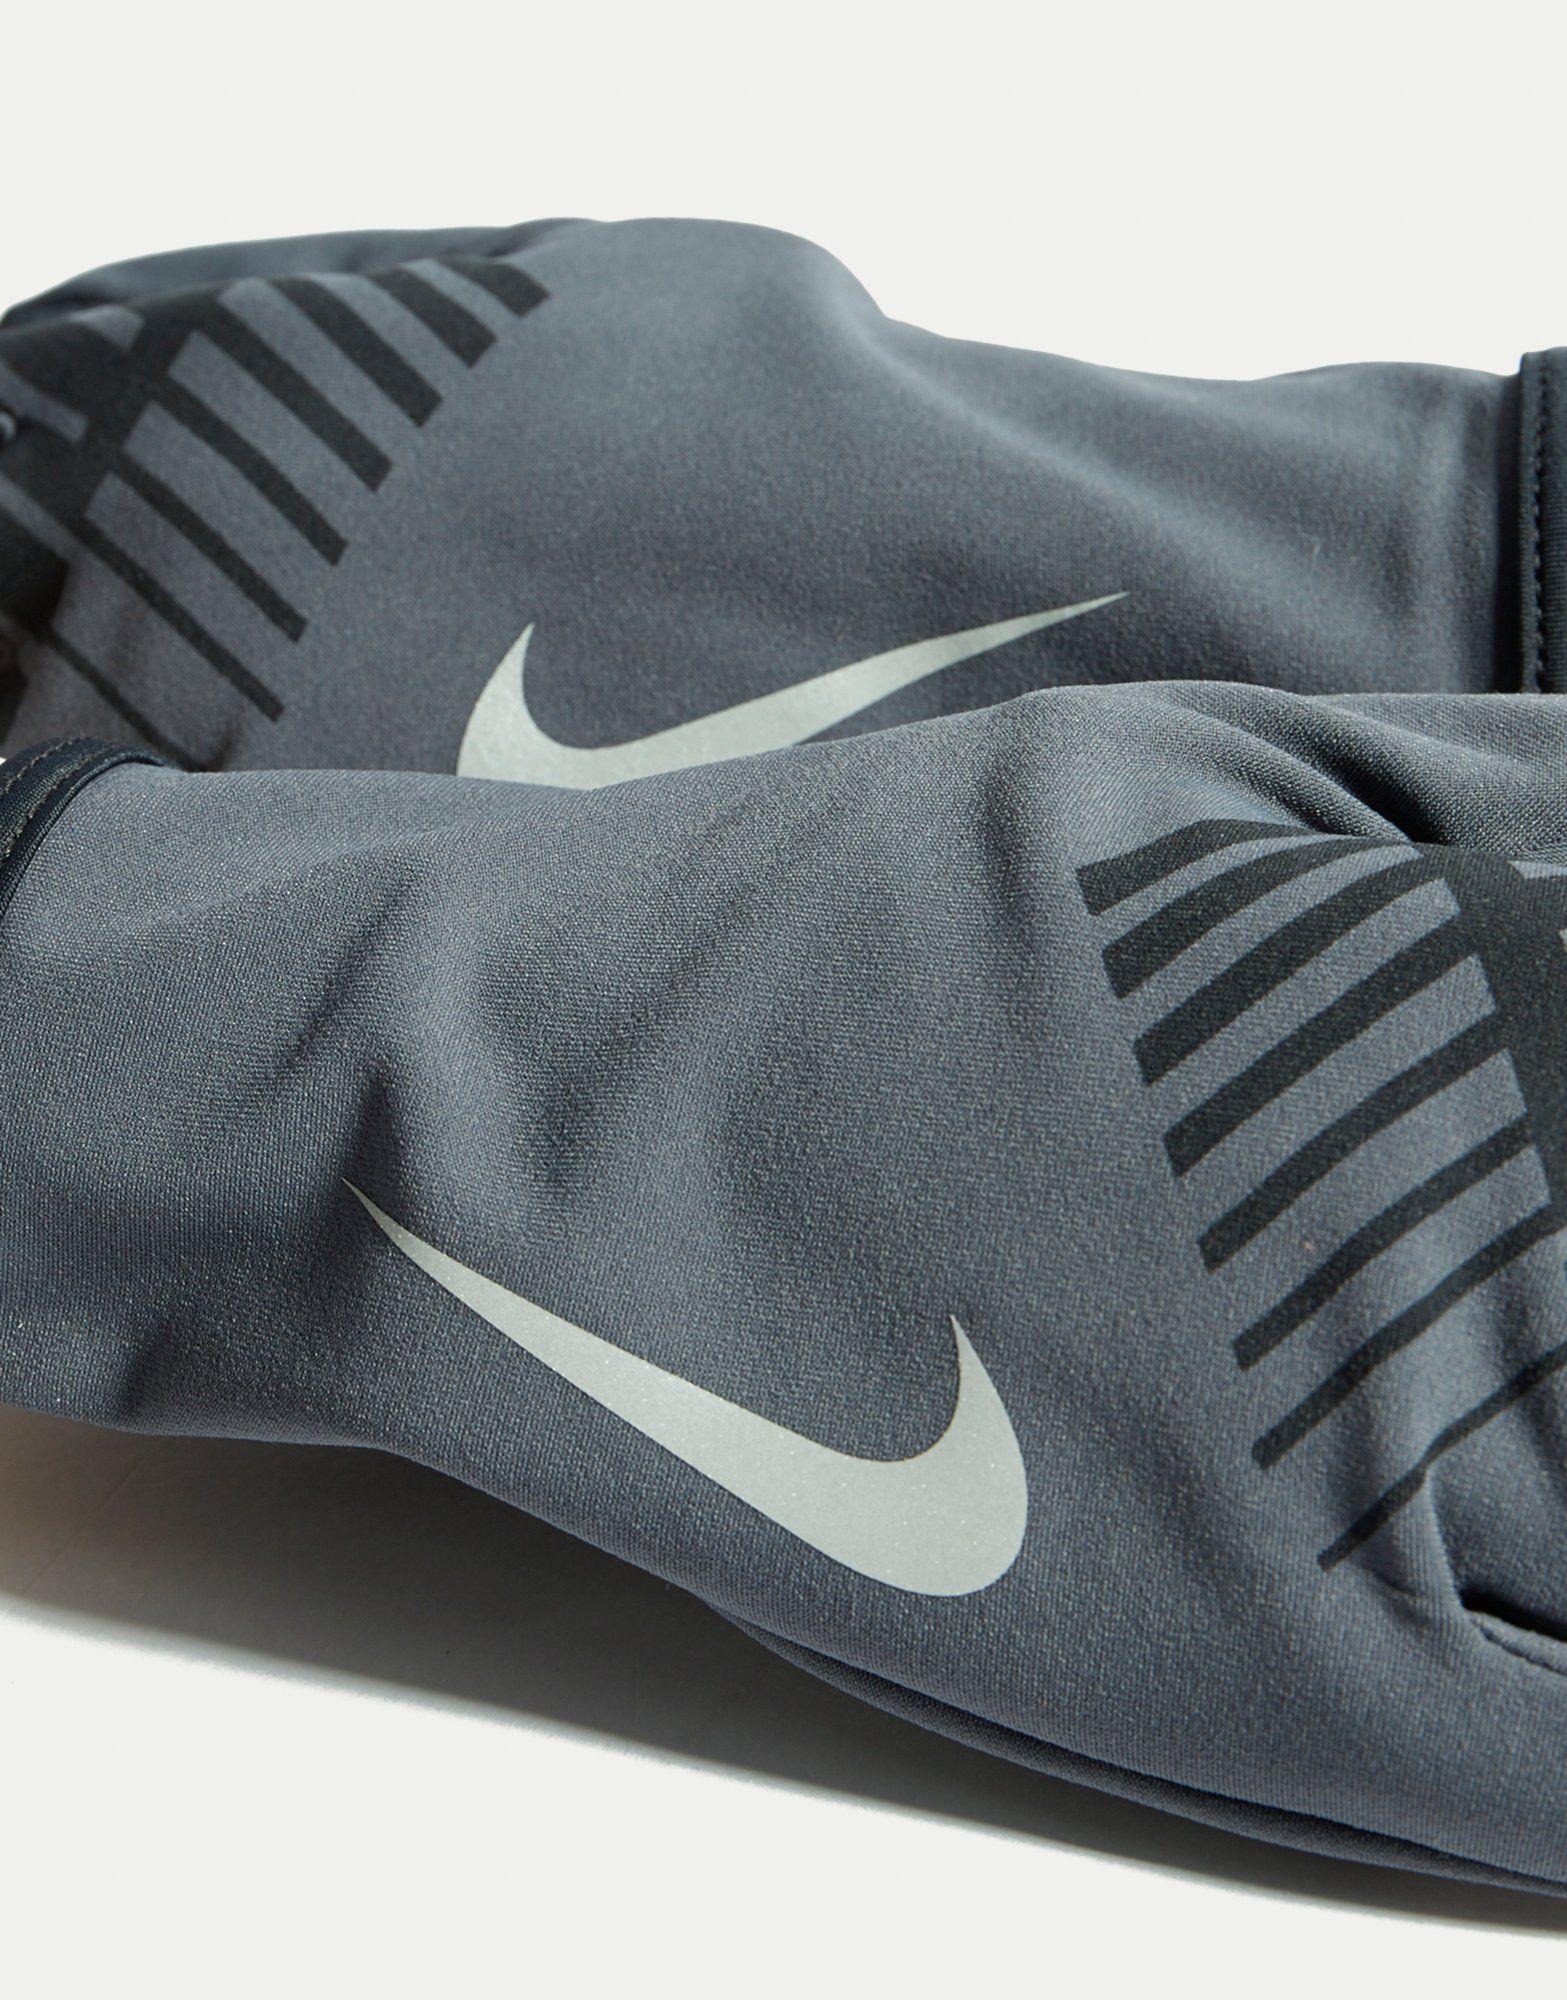 Nike Rival Running Gloves